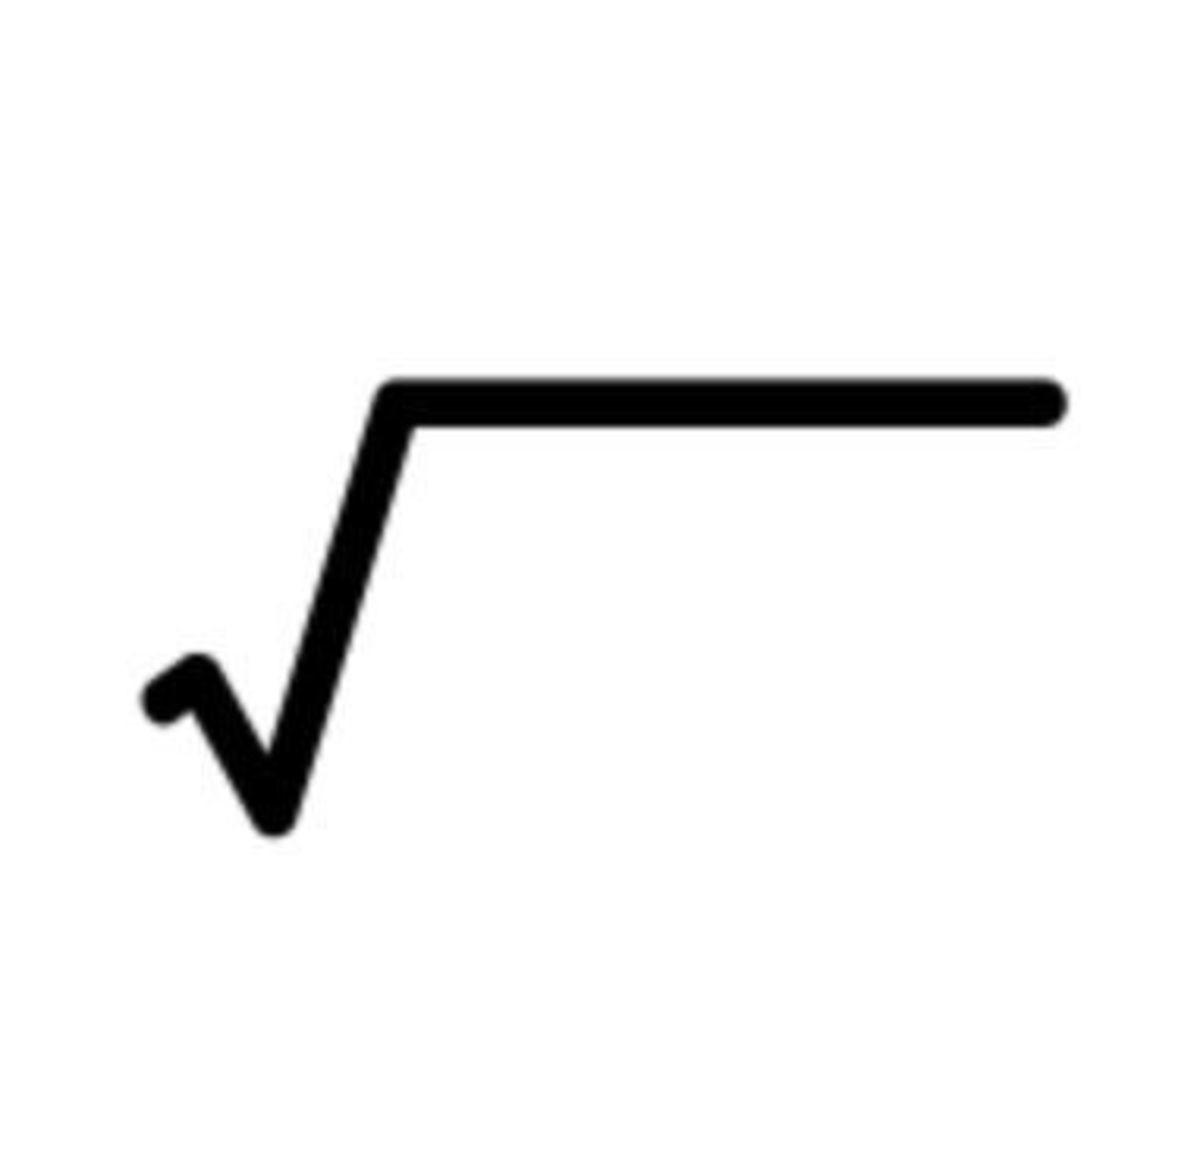 Ban Assualt Math Symbols